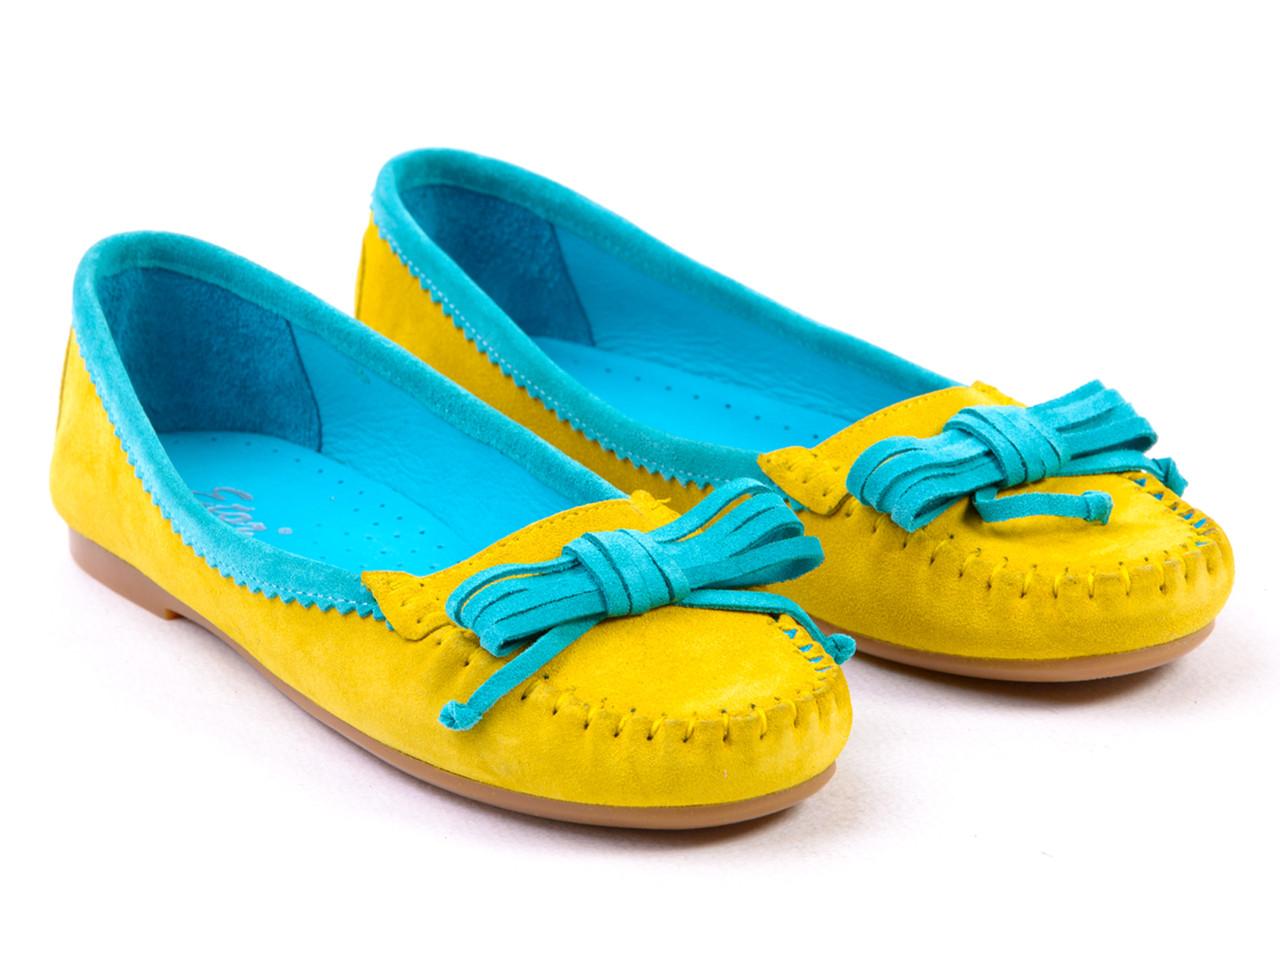 Мокасины Etor 5087-7027-0367 36 желтые